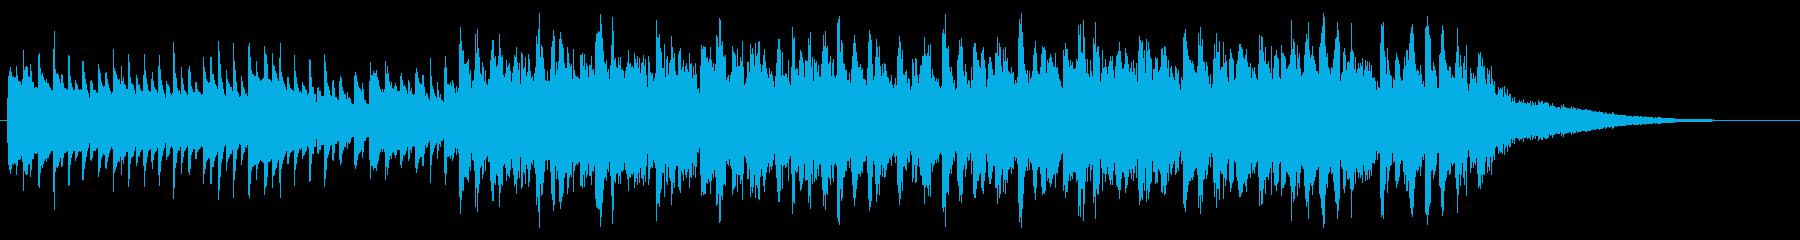 CMやVPにジングルわくわくオーケストラの再生済みの波形